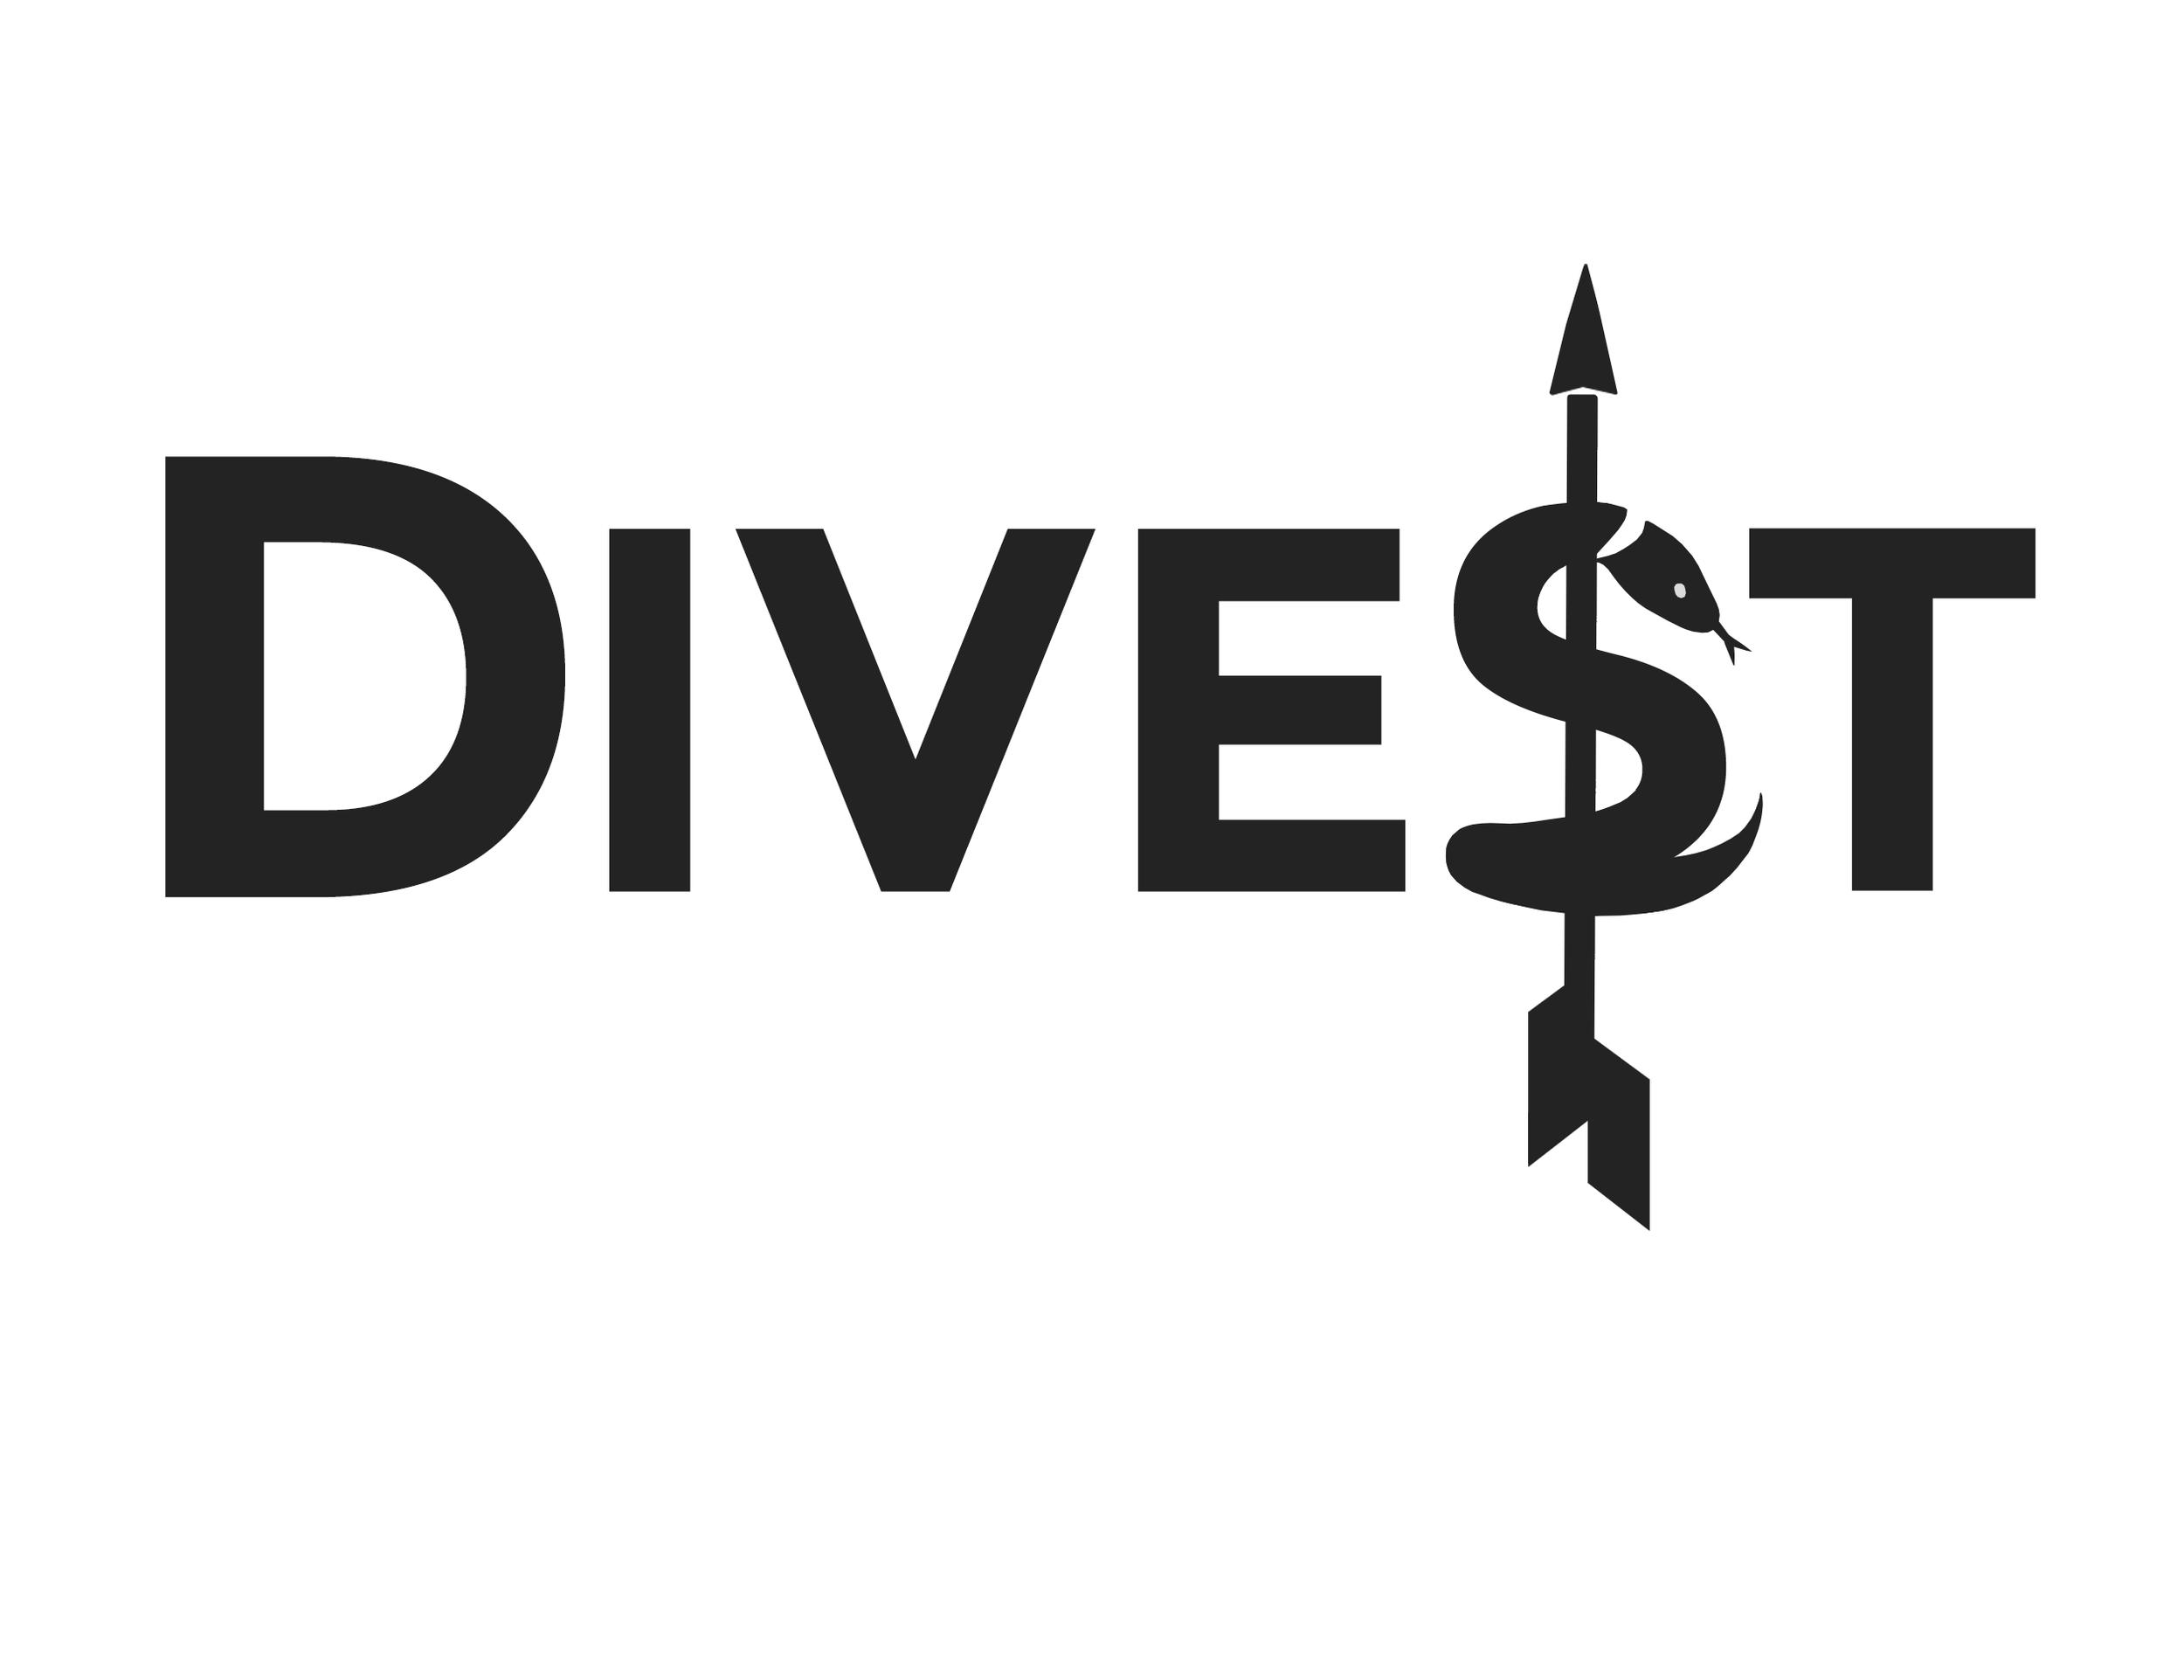 Divest_black.png